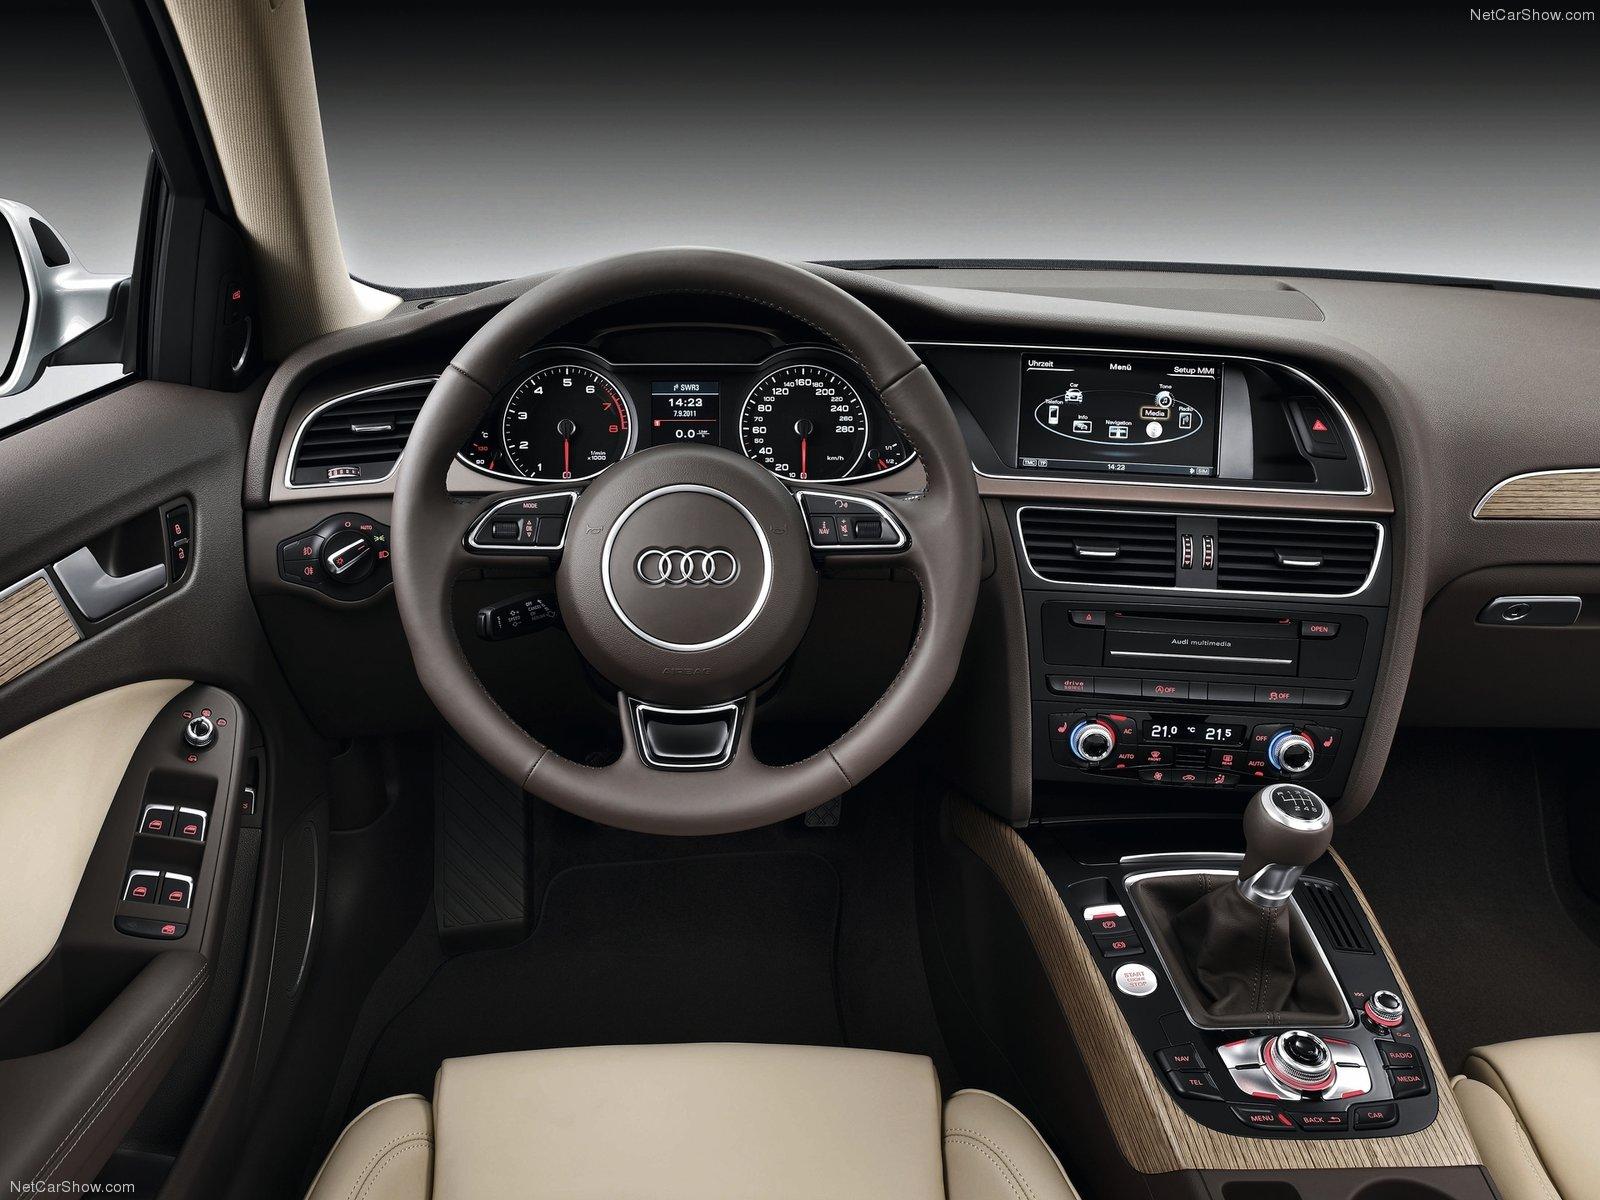 2015 Audi A4 Manual Spark Plug Of 1966 Oldsmobile 54 Through 86 Seriescar Wiring Diagram Array Rh Diestetic Com